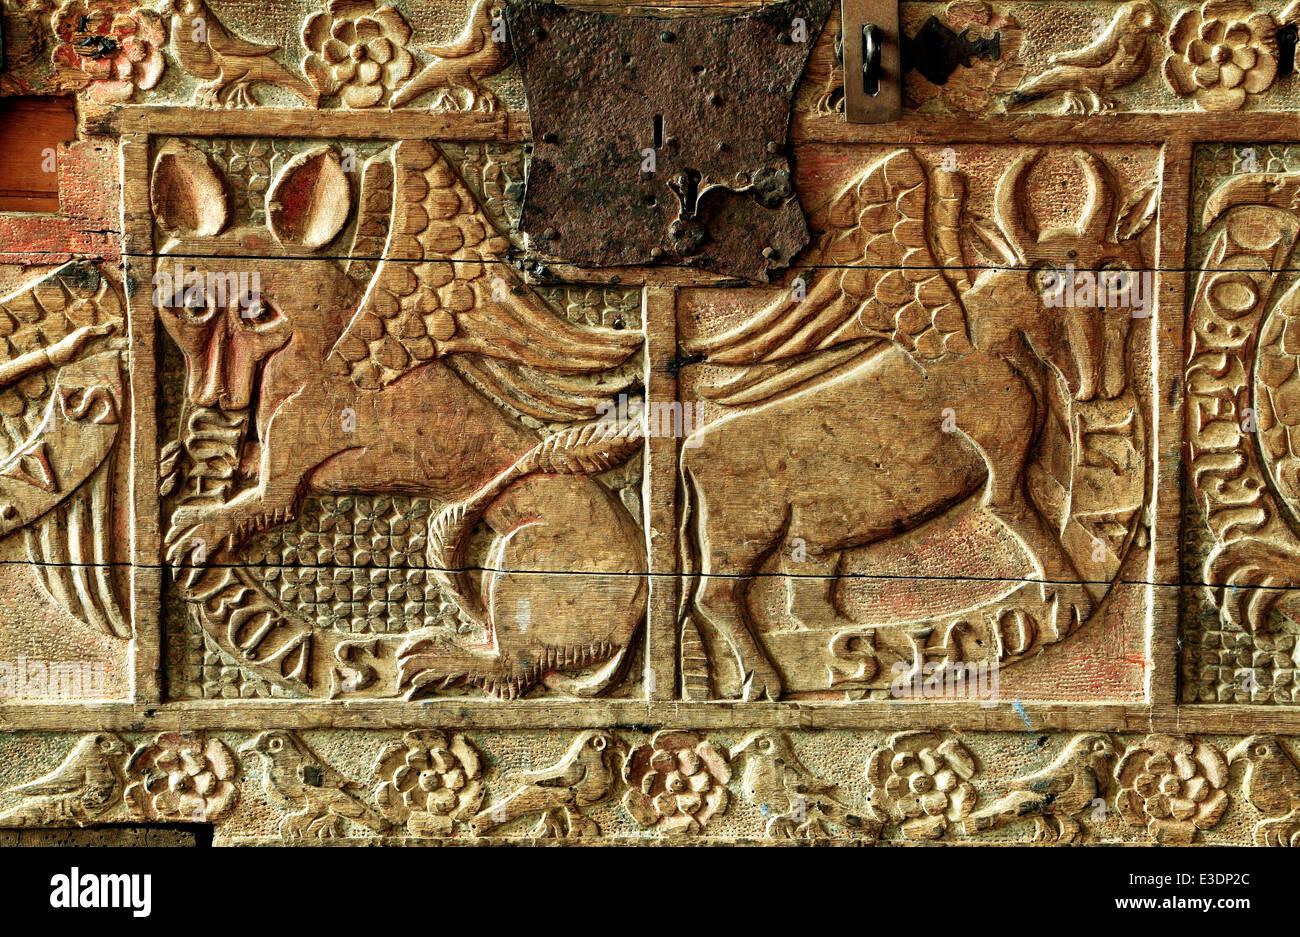 Ihre, geschnitzte Holz Holz 14. Jahrhundert Brust, Detail, Symbole von 2 der vier Evangelisten, St. Lukas und Johannes, Stockbild